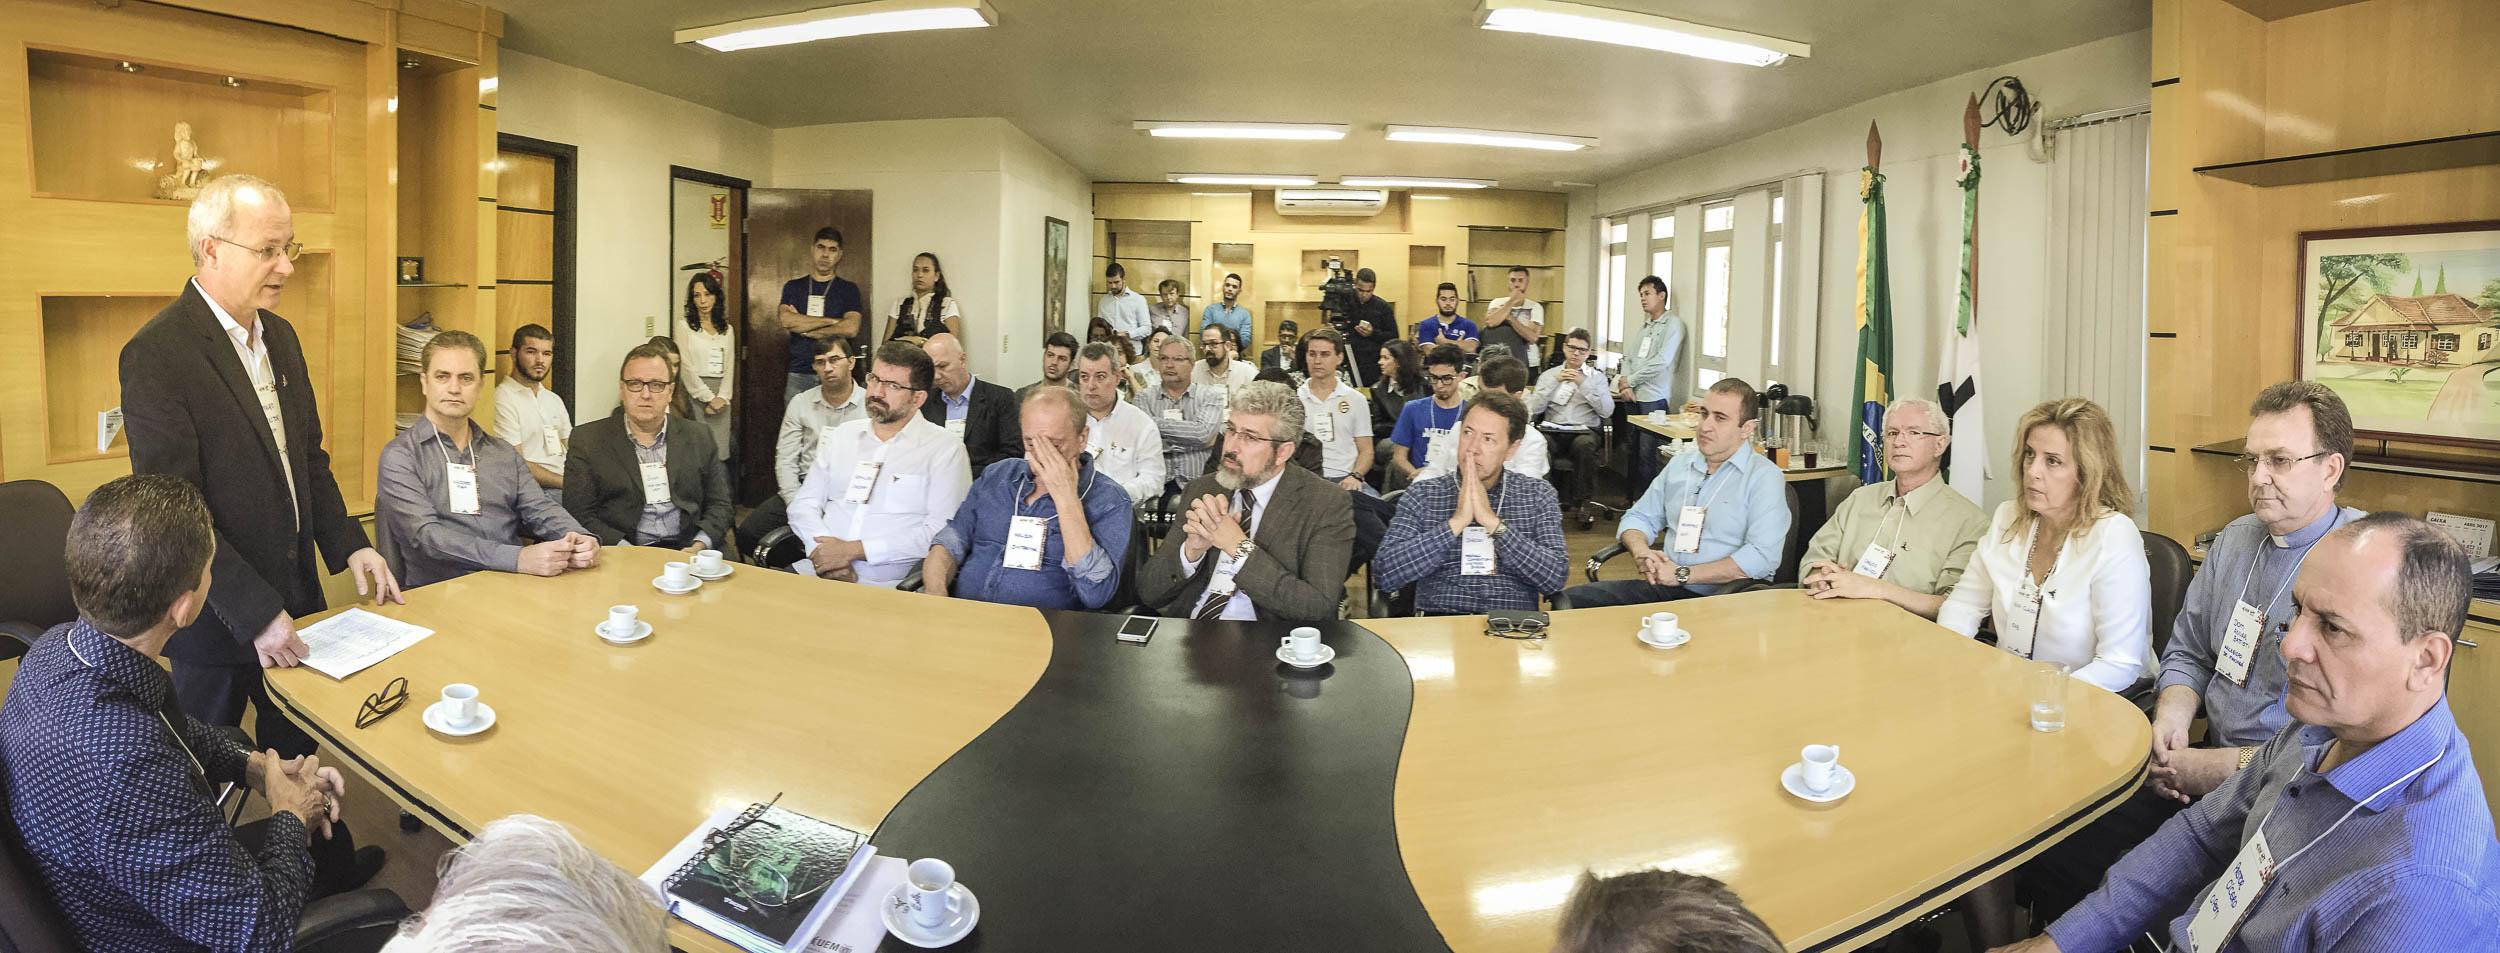 2017-04-17 Entidades em Defesa da UEM Reitor Mauro Baesso-107